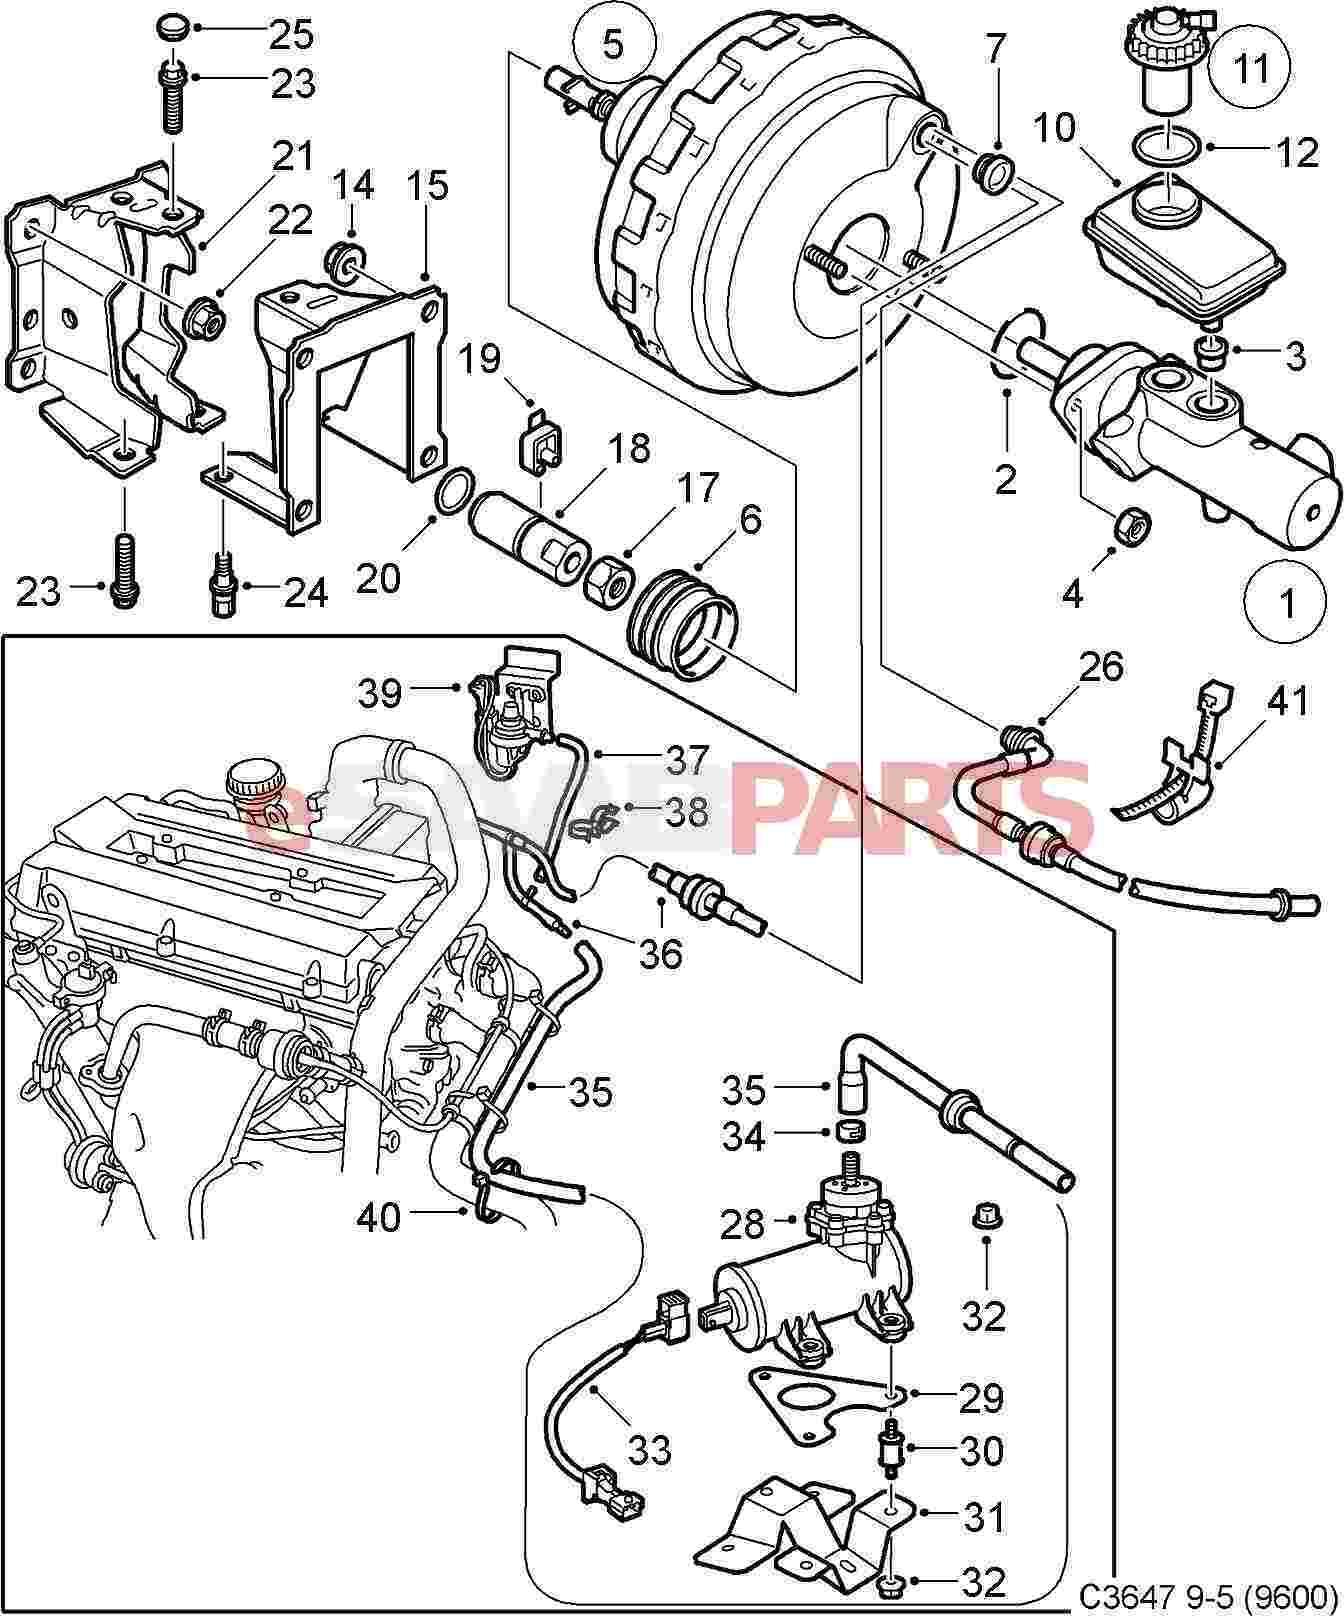 9136243 saab vacuum hose genuine saab parts from esaabparts 1999 Pontiac Grand Prix Exhaust Diagram diagram image 37